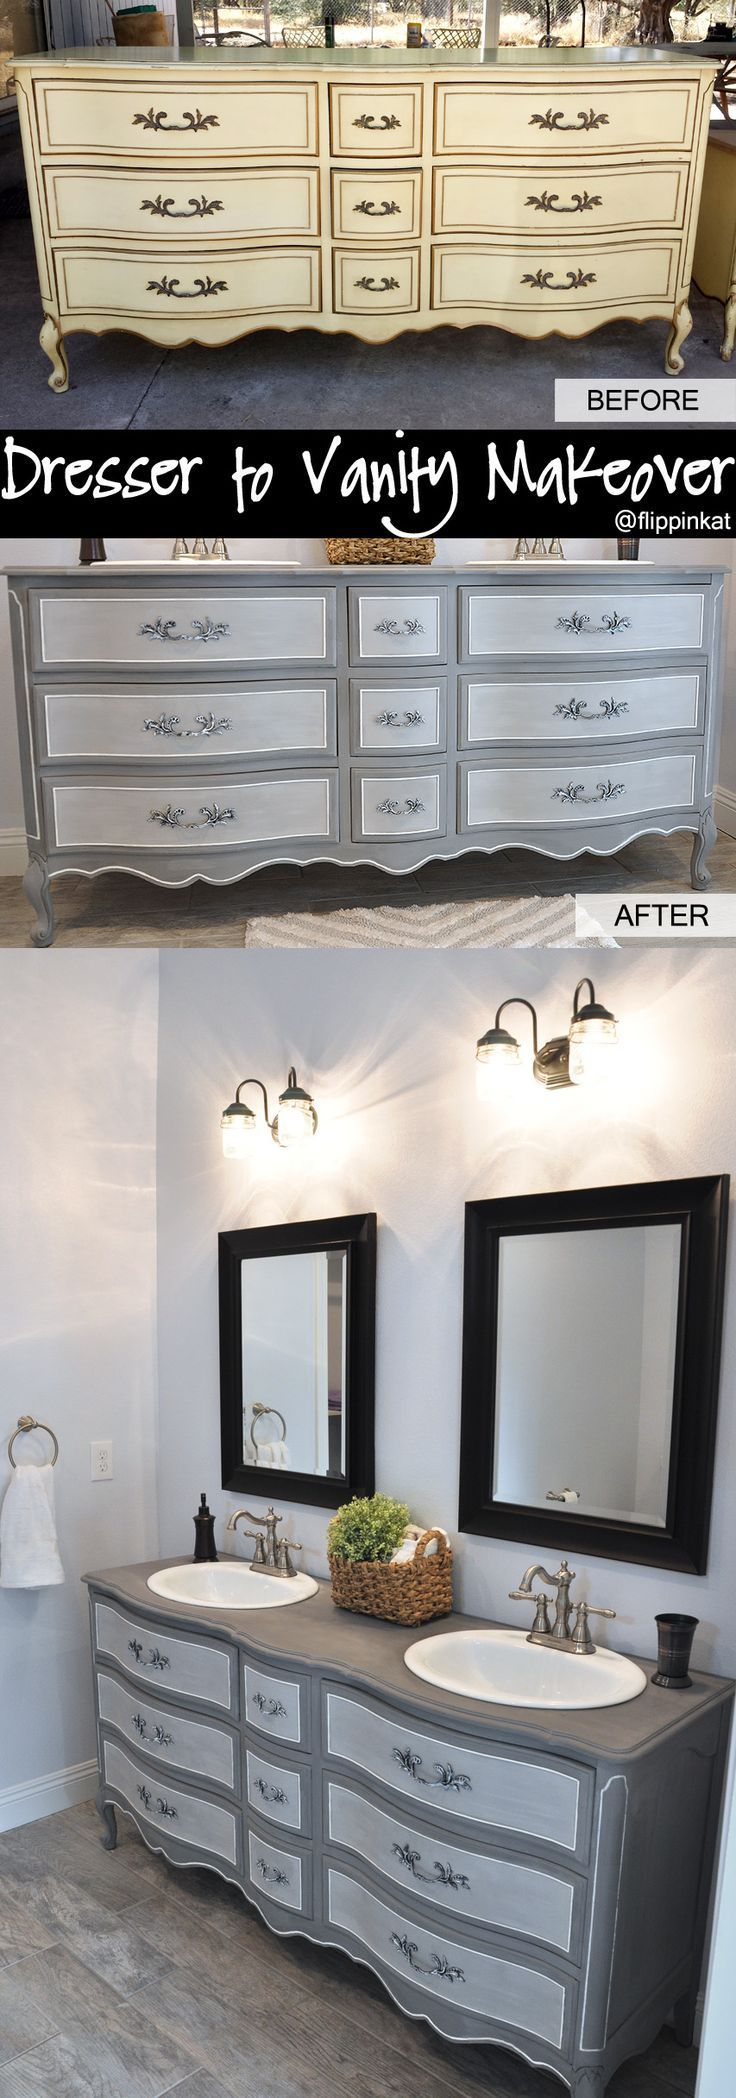 Antique dresser bathroom vanity - Dresser To Vanity And Bathroom Renovation Got An Old French Provincial Style Dresser Off Craigslist